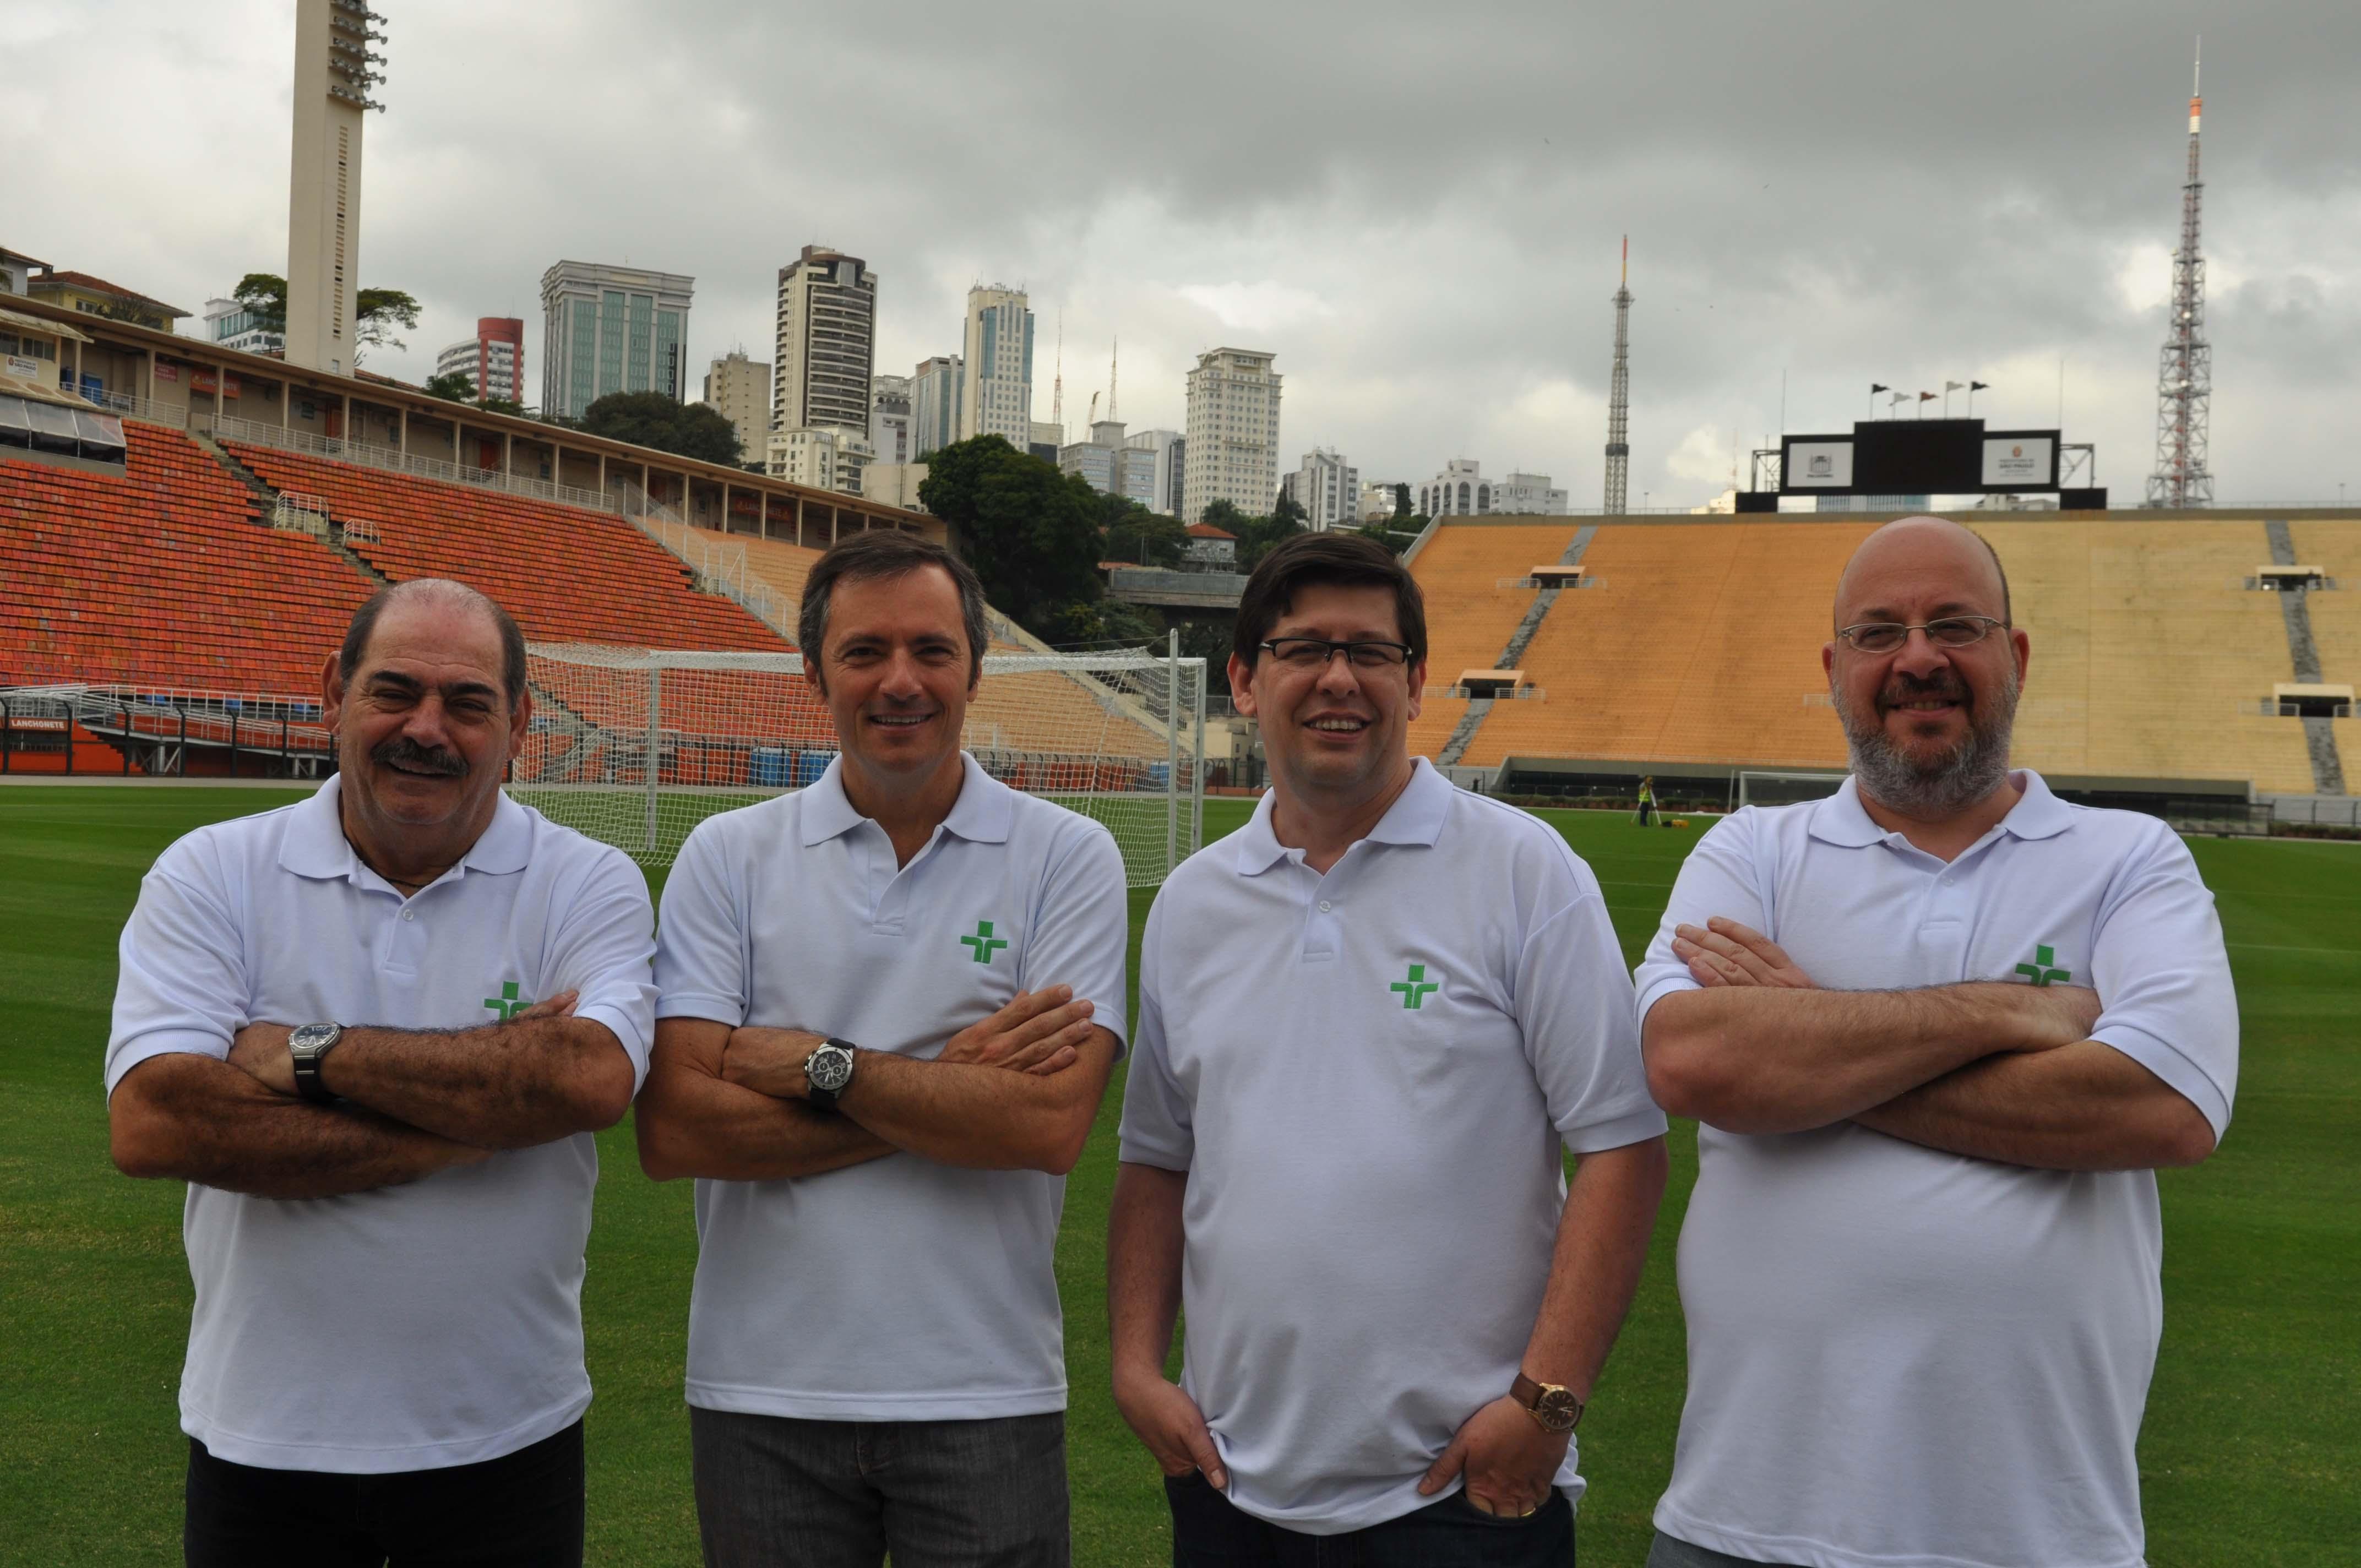 Além de comentar o desempenho das seleções feminina e masculina, o atual auxiliar técnico do São Paulo faz um balanço do primeiro turno do Brasileirão. O programa vai ao ar nesta quinta-feira (11/8), às 22h, na TV Cultura